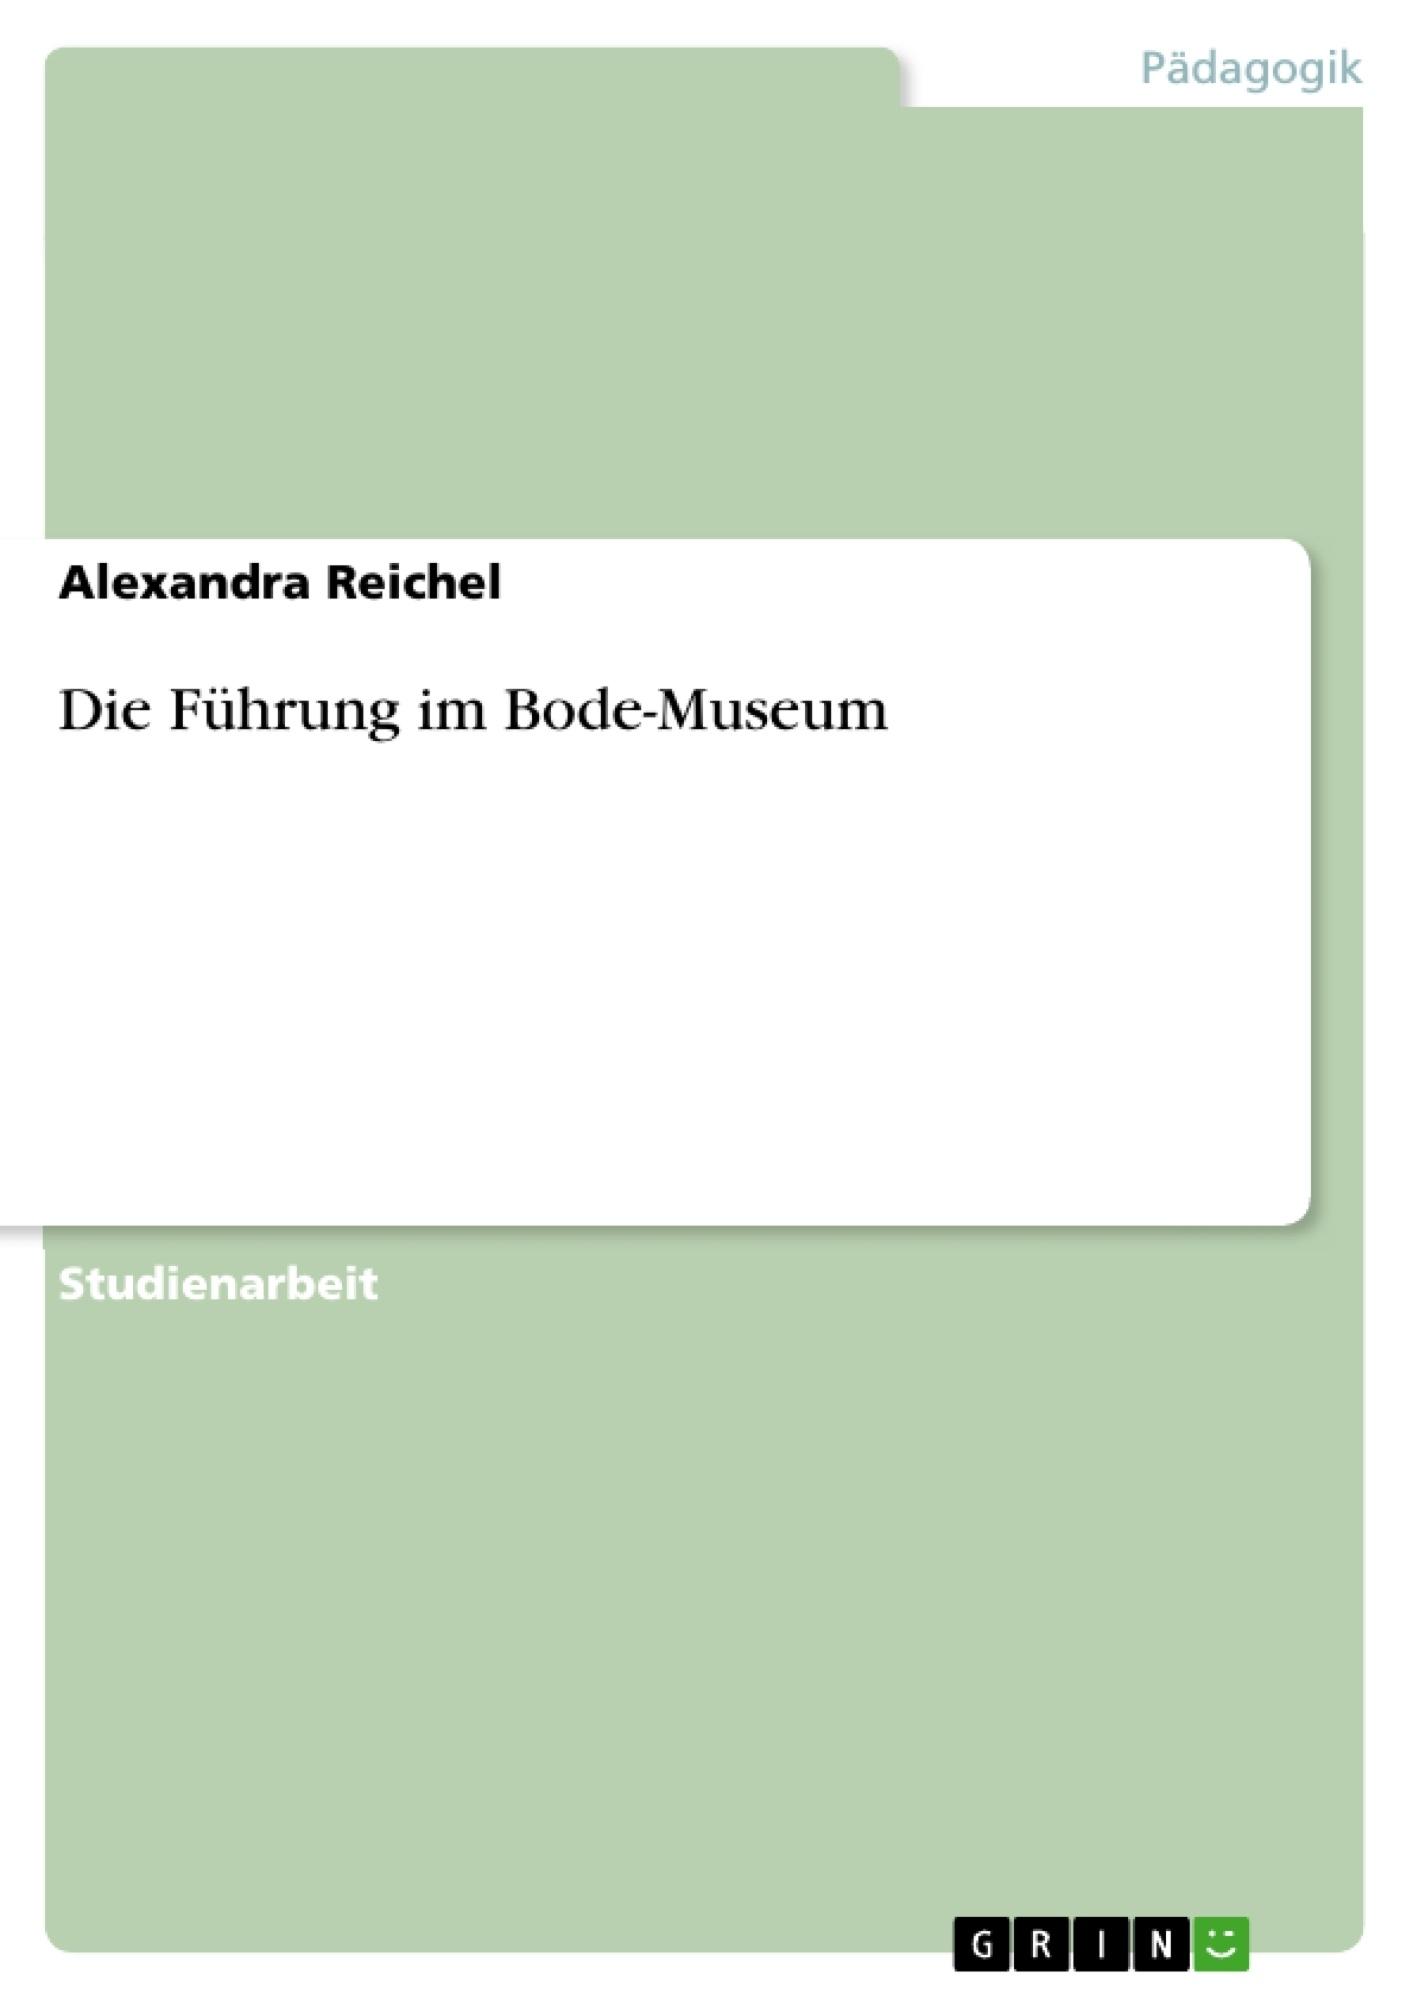 Titel: Die Führung im Bode-Museum